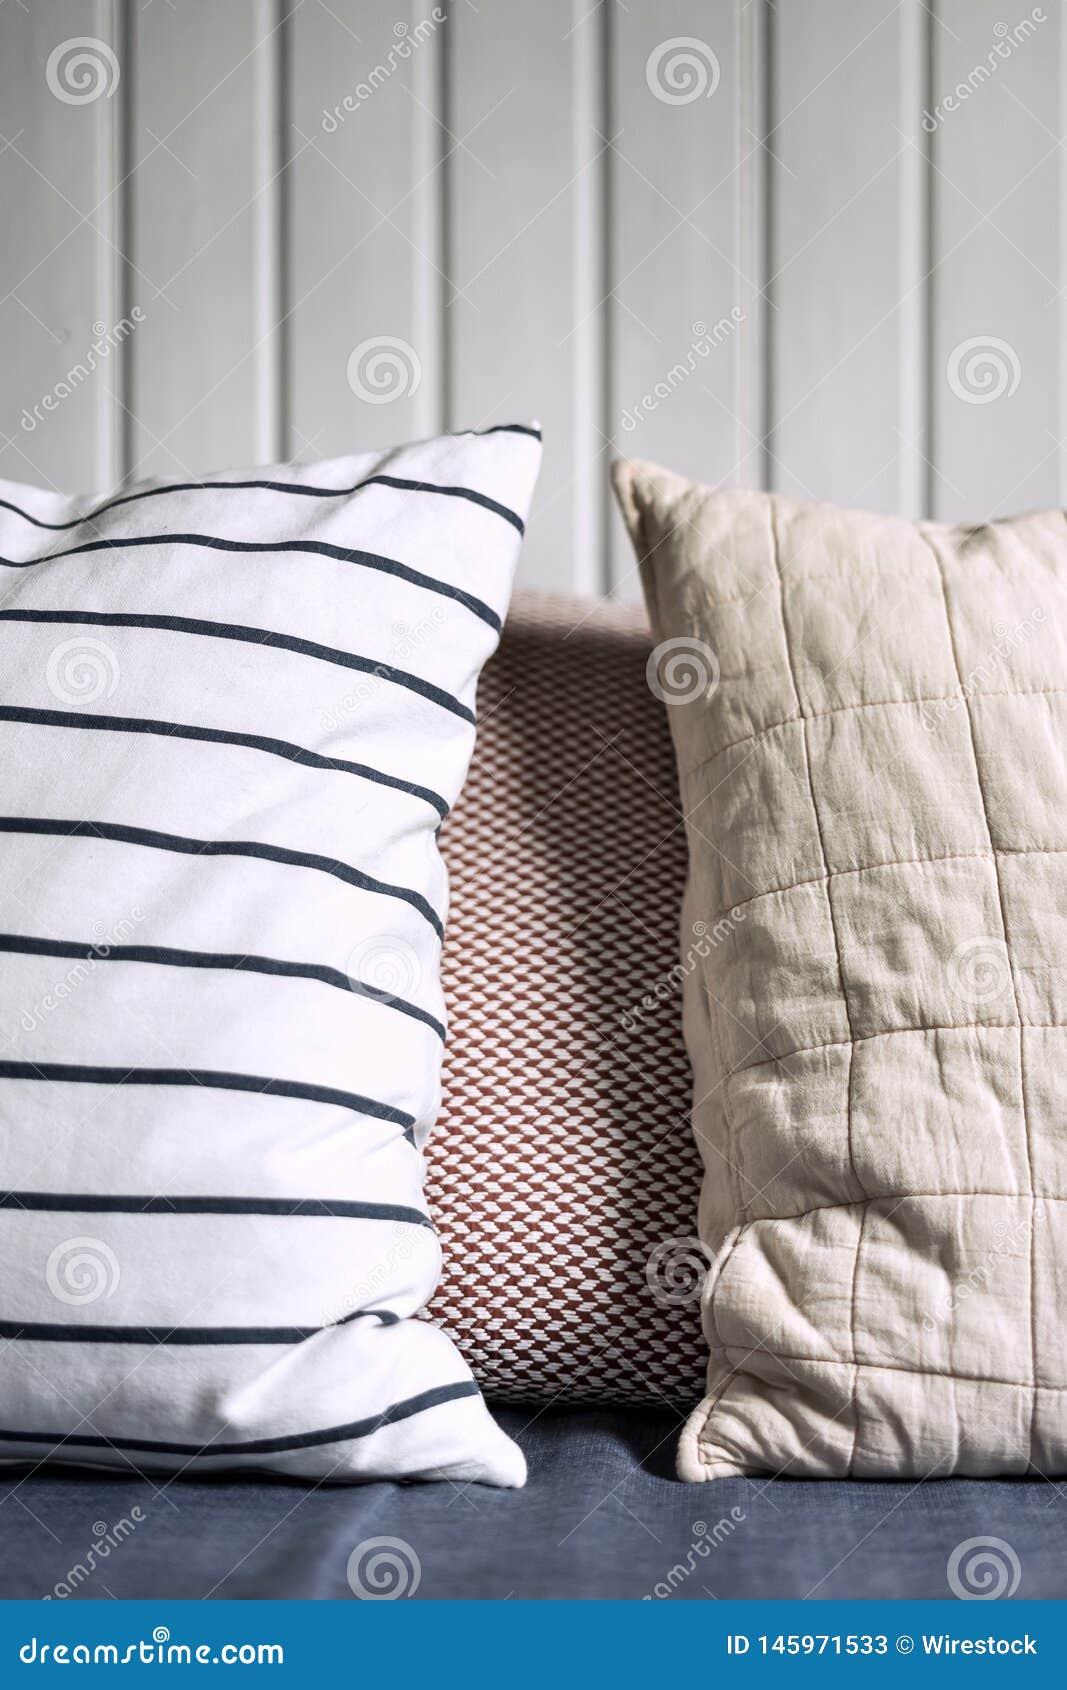 Δύο μαξιλάρια το ένα δίπλα στο άλλο με το άσπρο υπόβαθρο